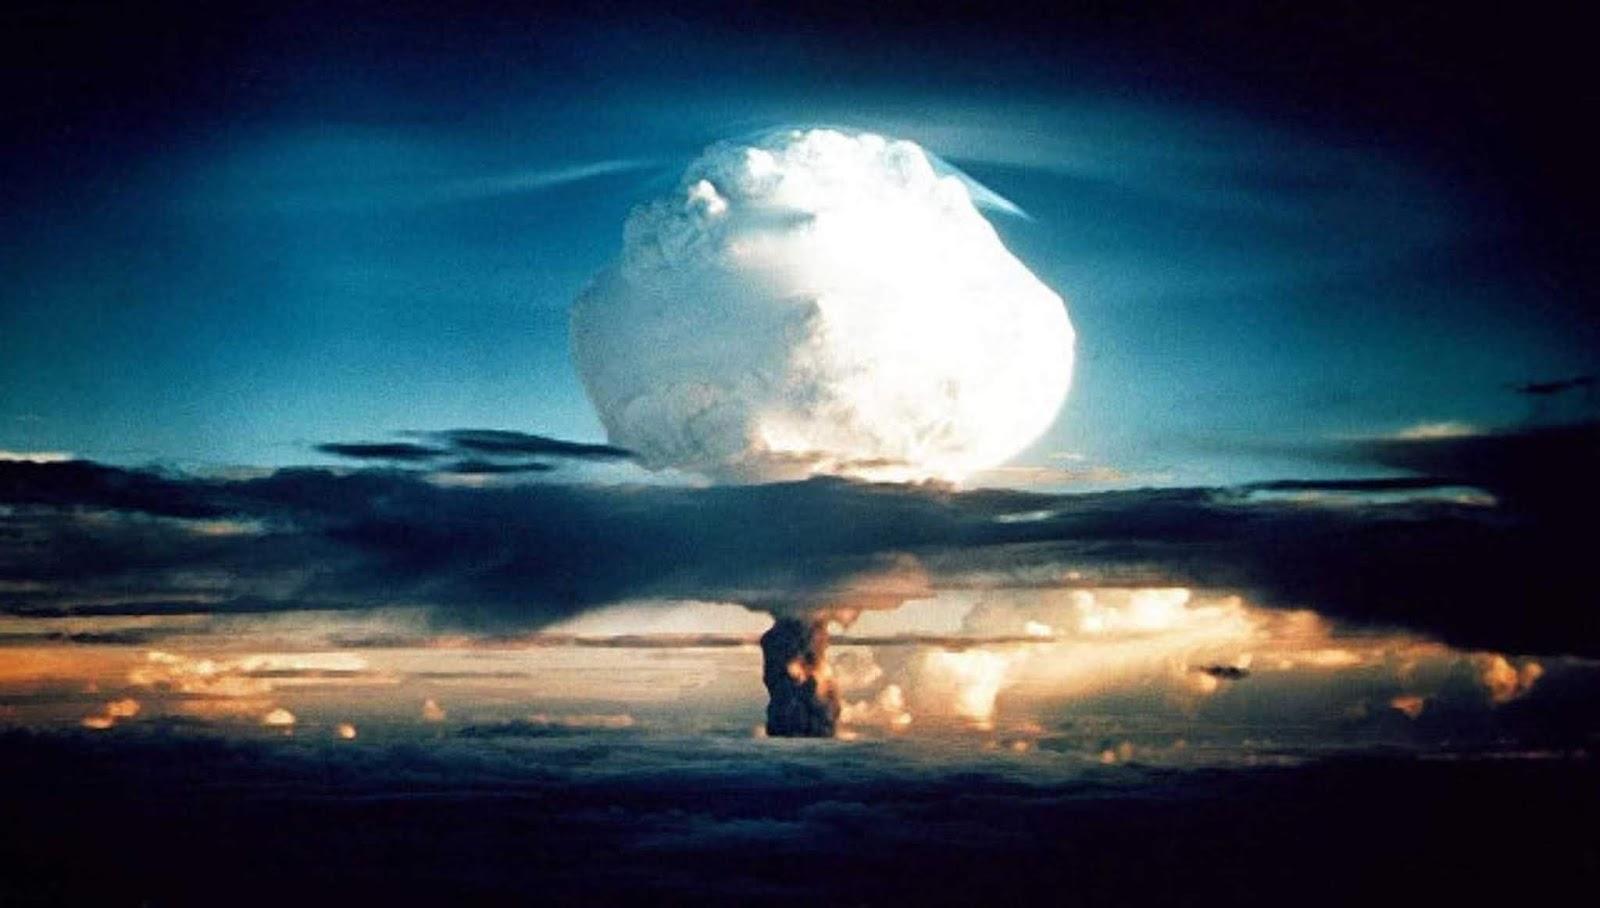 AS memutuskan untuk menilai risiko serangan nuklir di kota-kota mereka